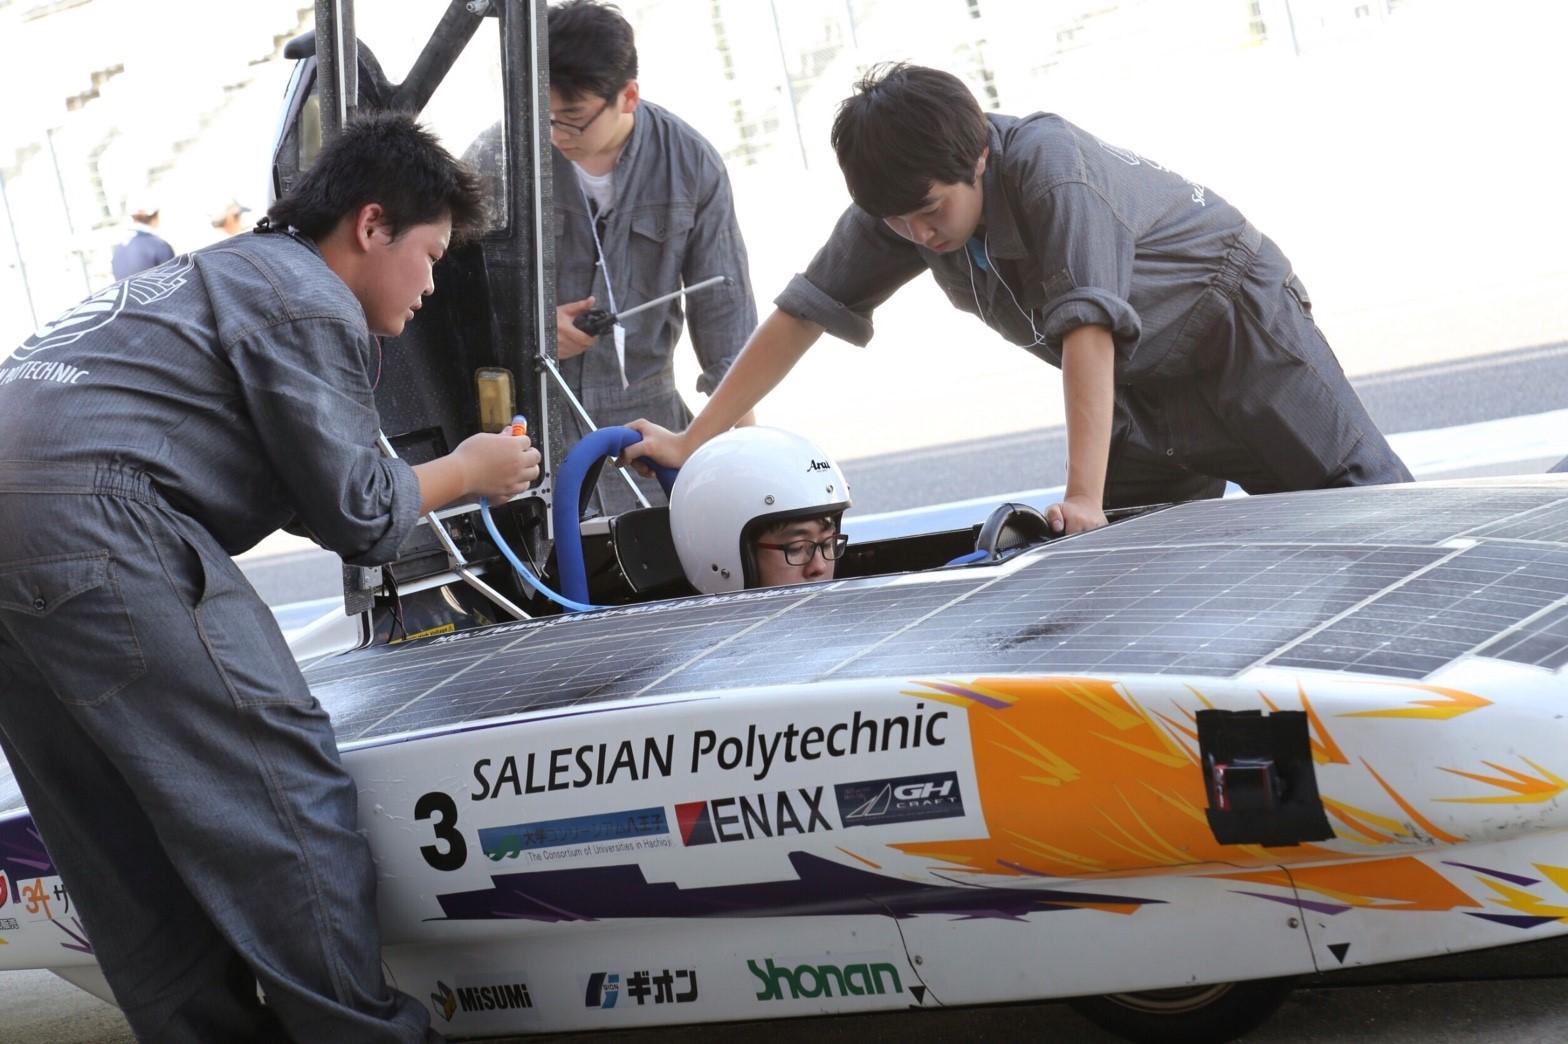 ソーラーカーレース鈴鹿2016に参加した サレジオ高専ソーラーカープロジェクト